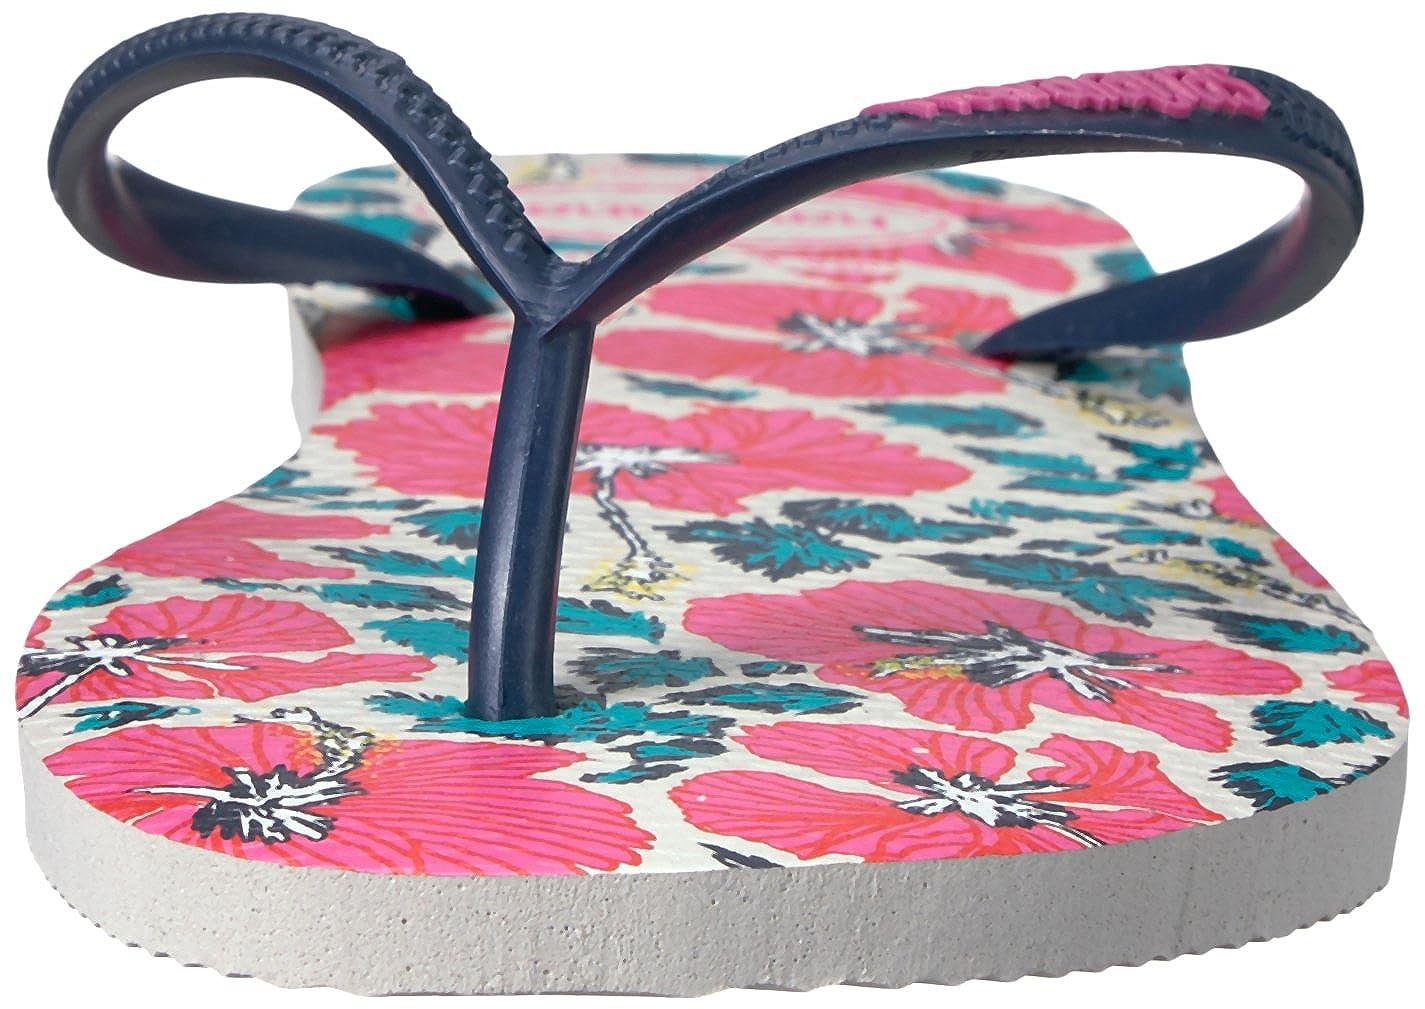 57e8b77870 Havaianas Women s Slim Floral Sandal Flip Flop